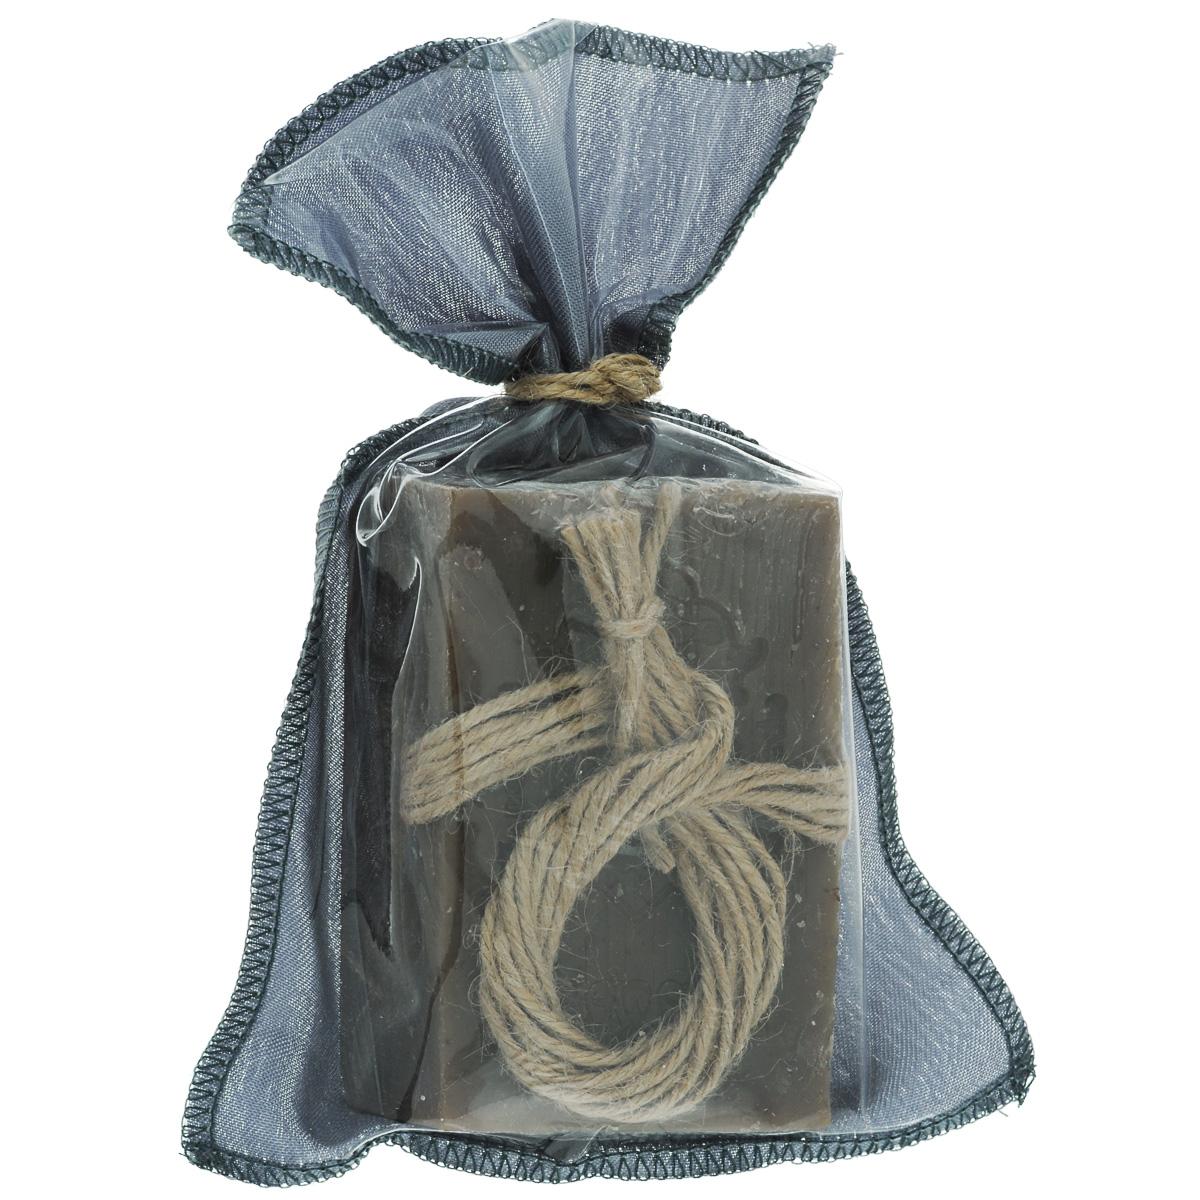 Зейтун Мыло Премиум №2 с травами, 150 гZ1002Сбалансированный состав масел в натуральном мыле с травами обеспечивает правильный уход за жирной кожей, также это мыло подойдет и для смешанного типа кожи. Хорошо очищает, не сушит кожу. Травы осуществляют лёгкий микромассаж.